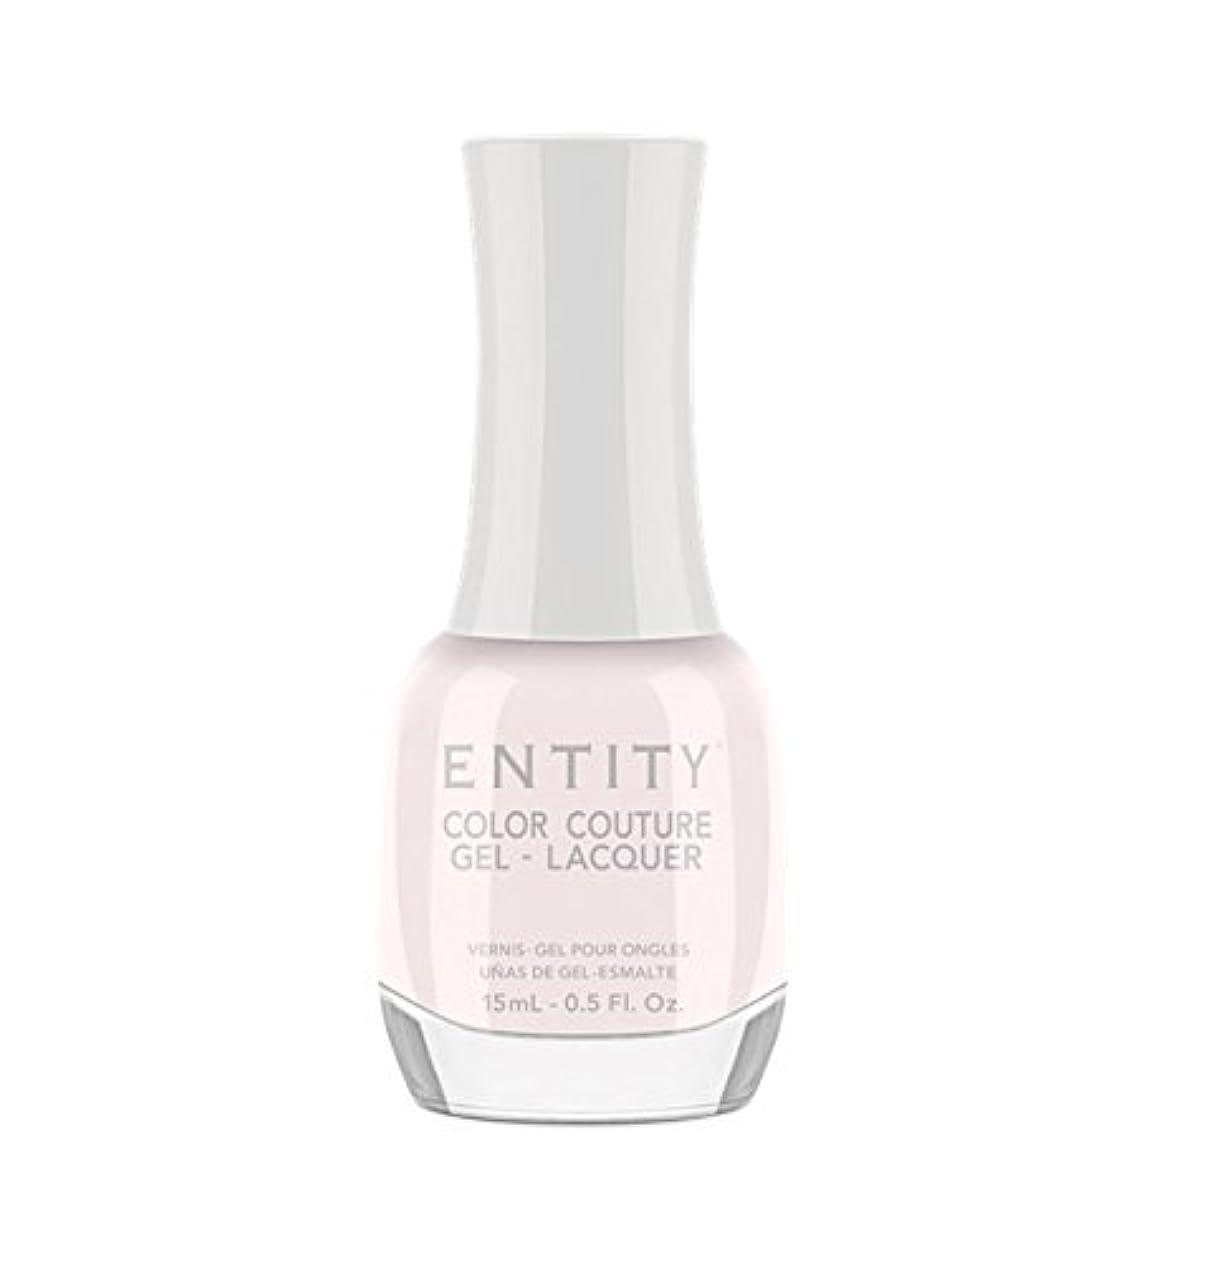 ランドマークフルーティー抵当Entity Color Couture Gel-Lacquer - Sheer Perfection - 15 ml/0.5 oz